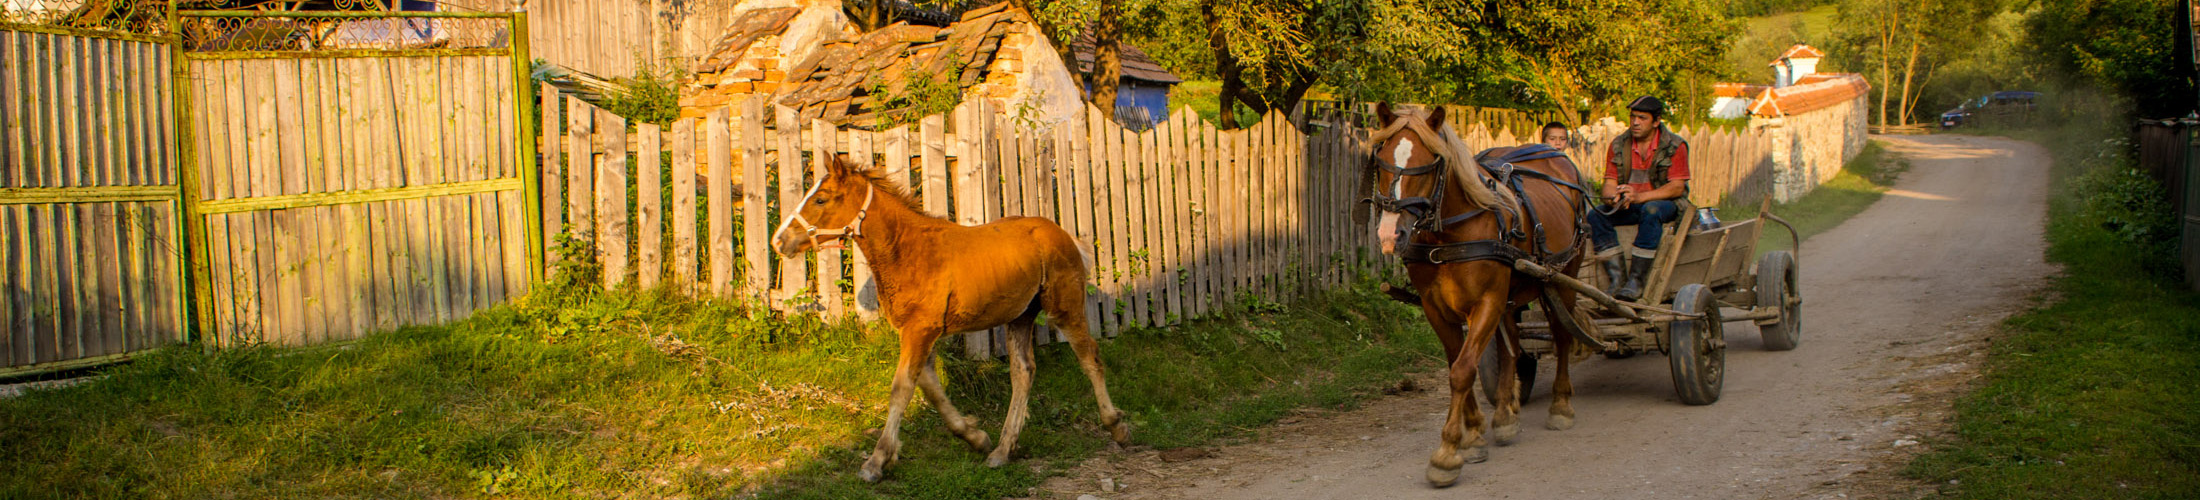 Countryside, Transylvania, Romania